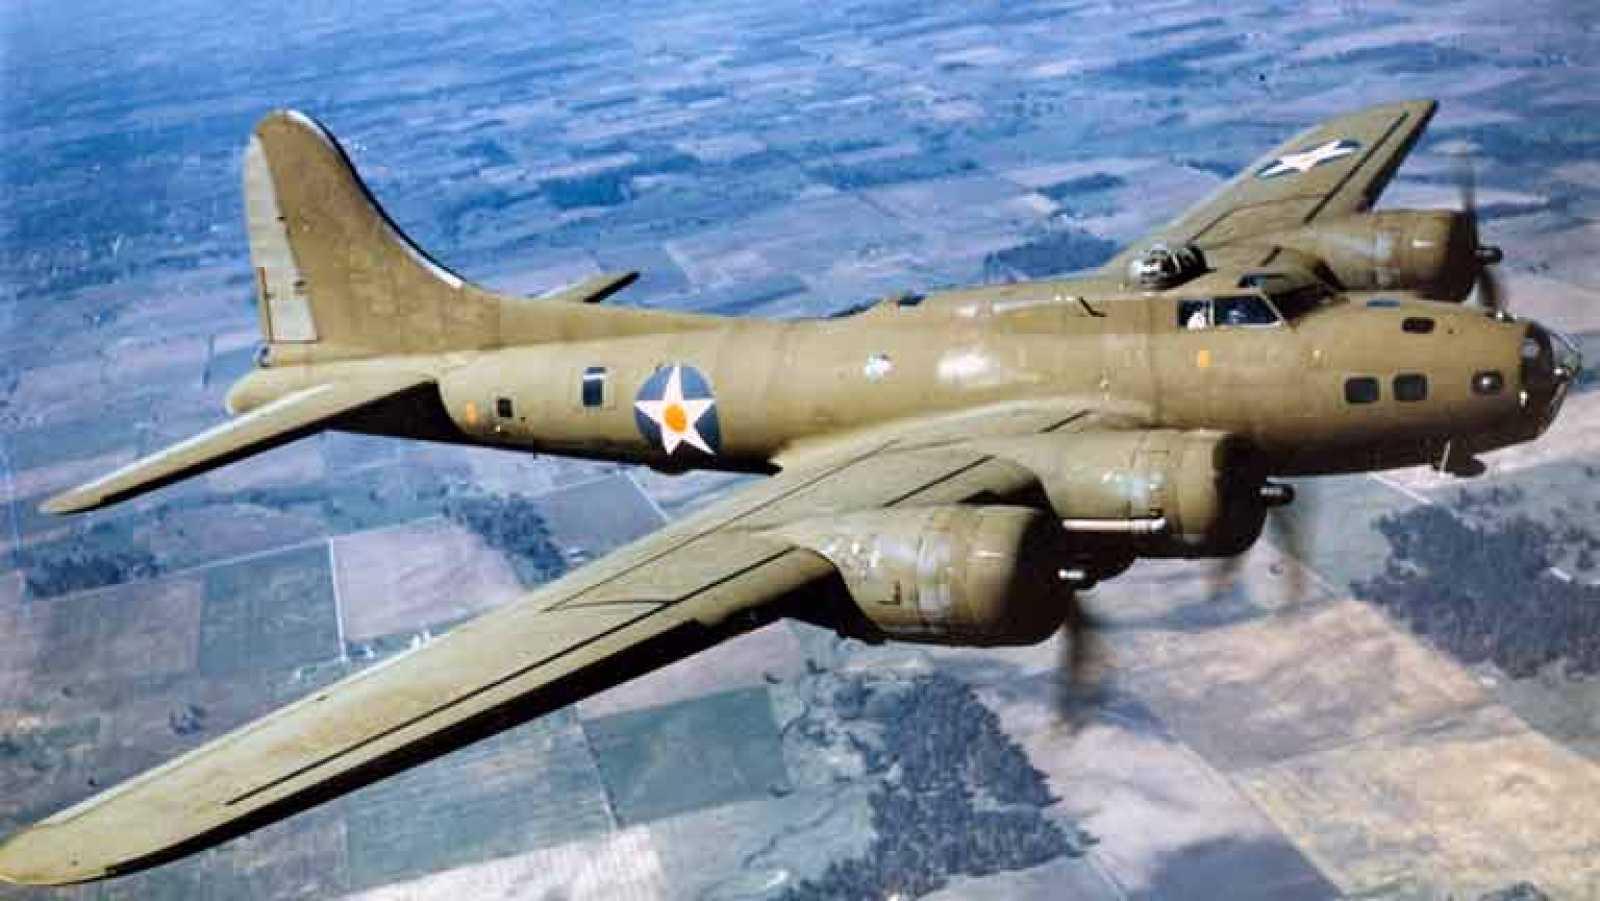 El bombardero que derrotó a los nazis vuelve a surcar los cielos